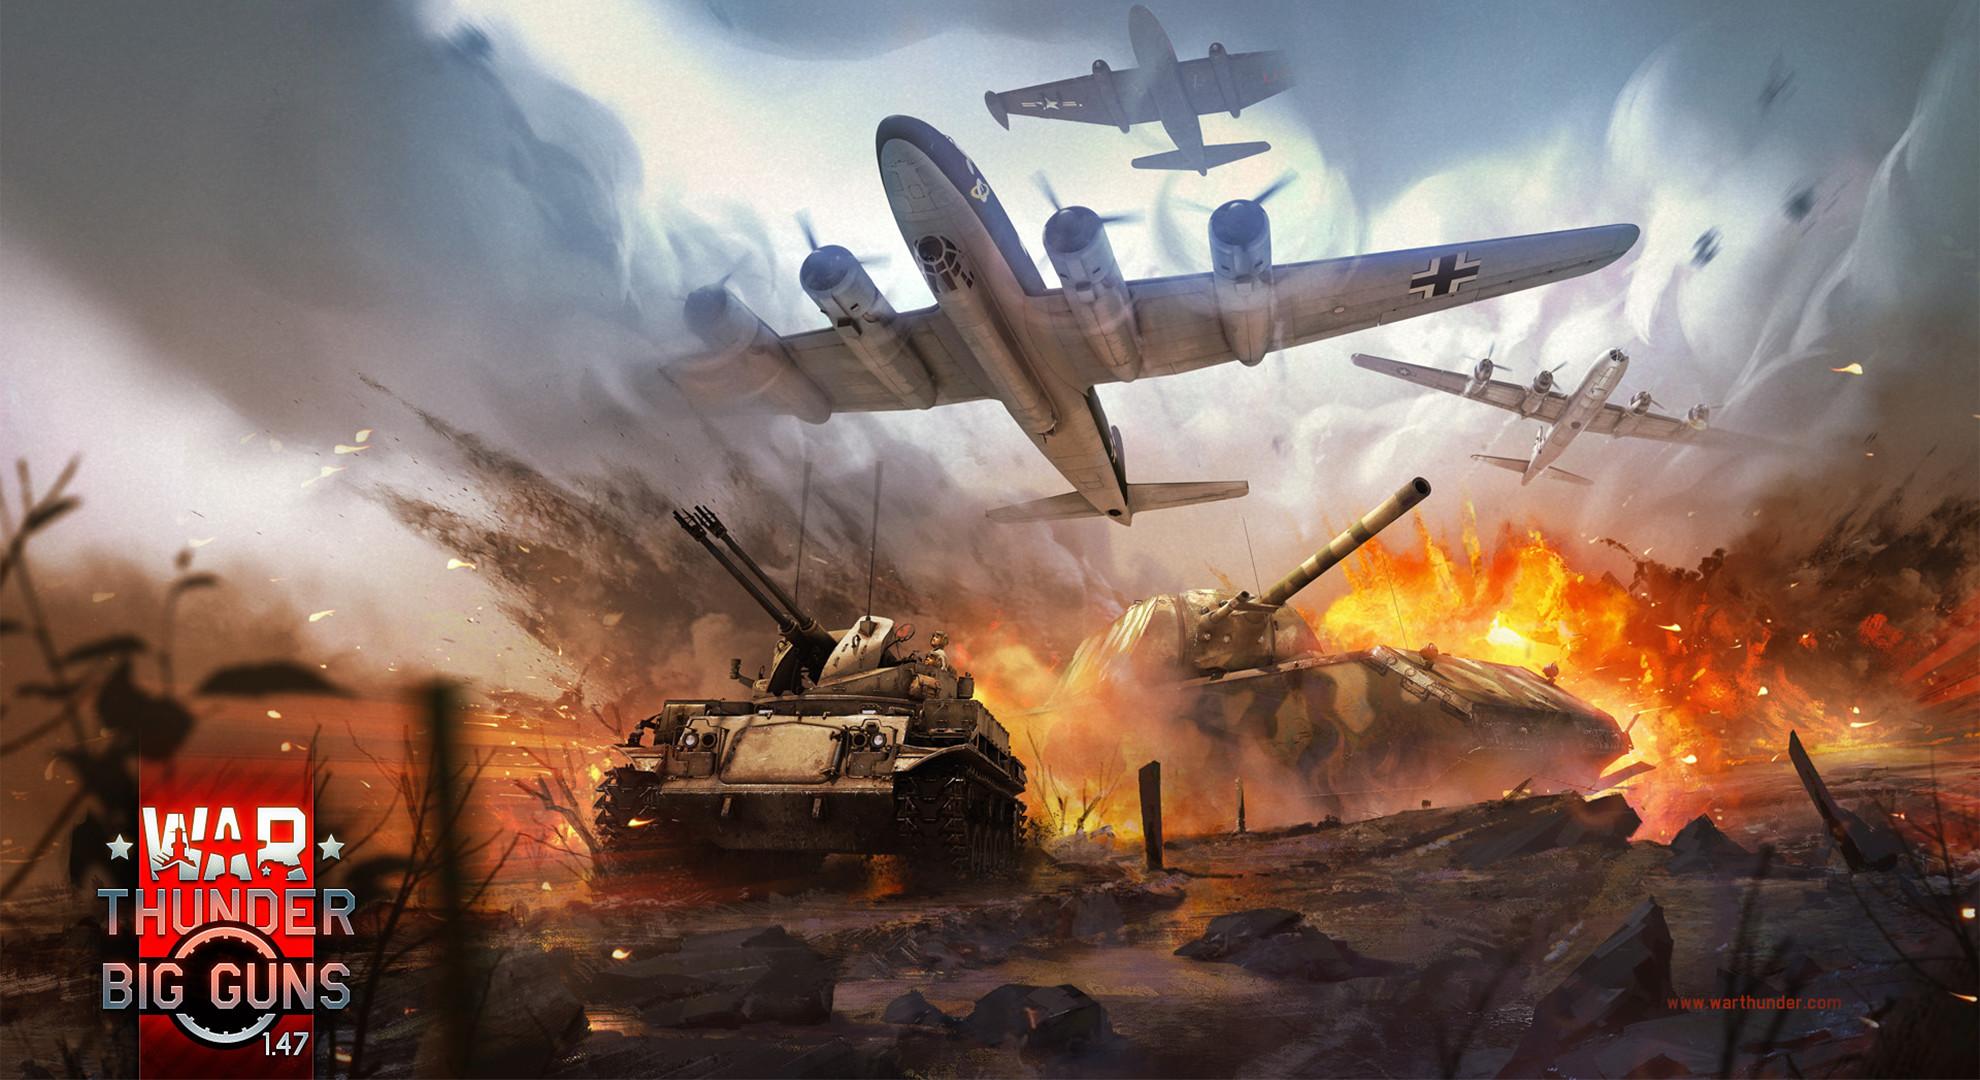 War thunder 4